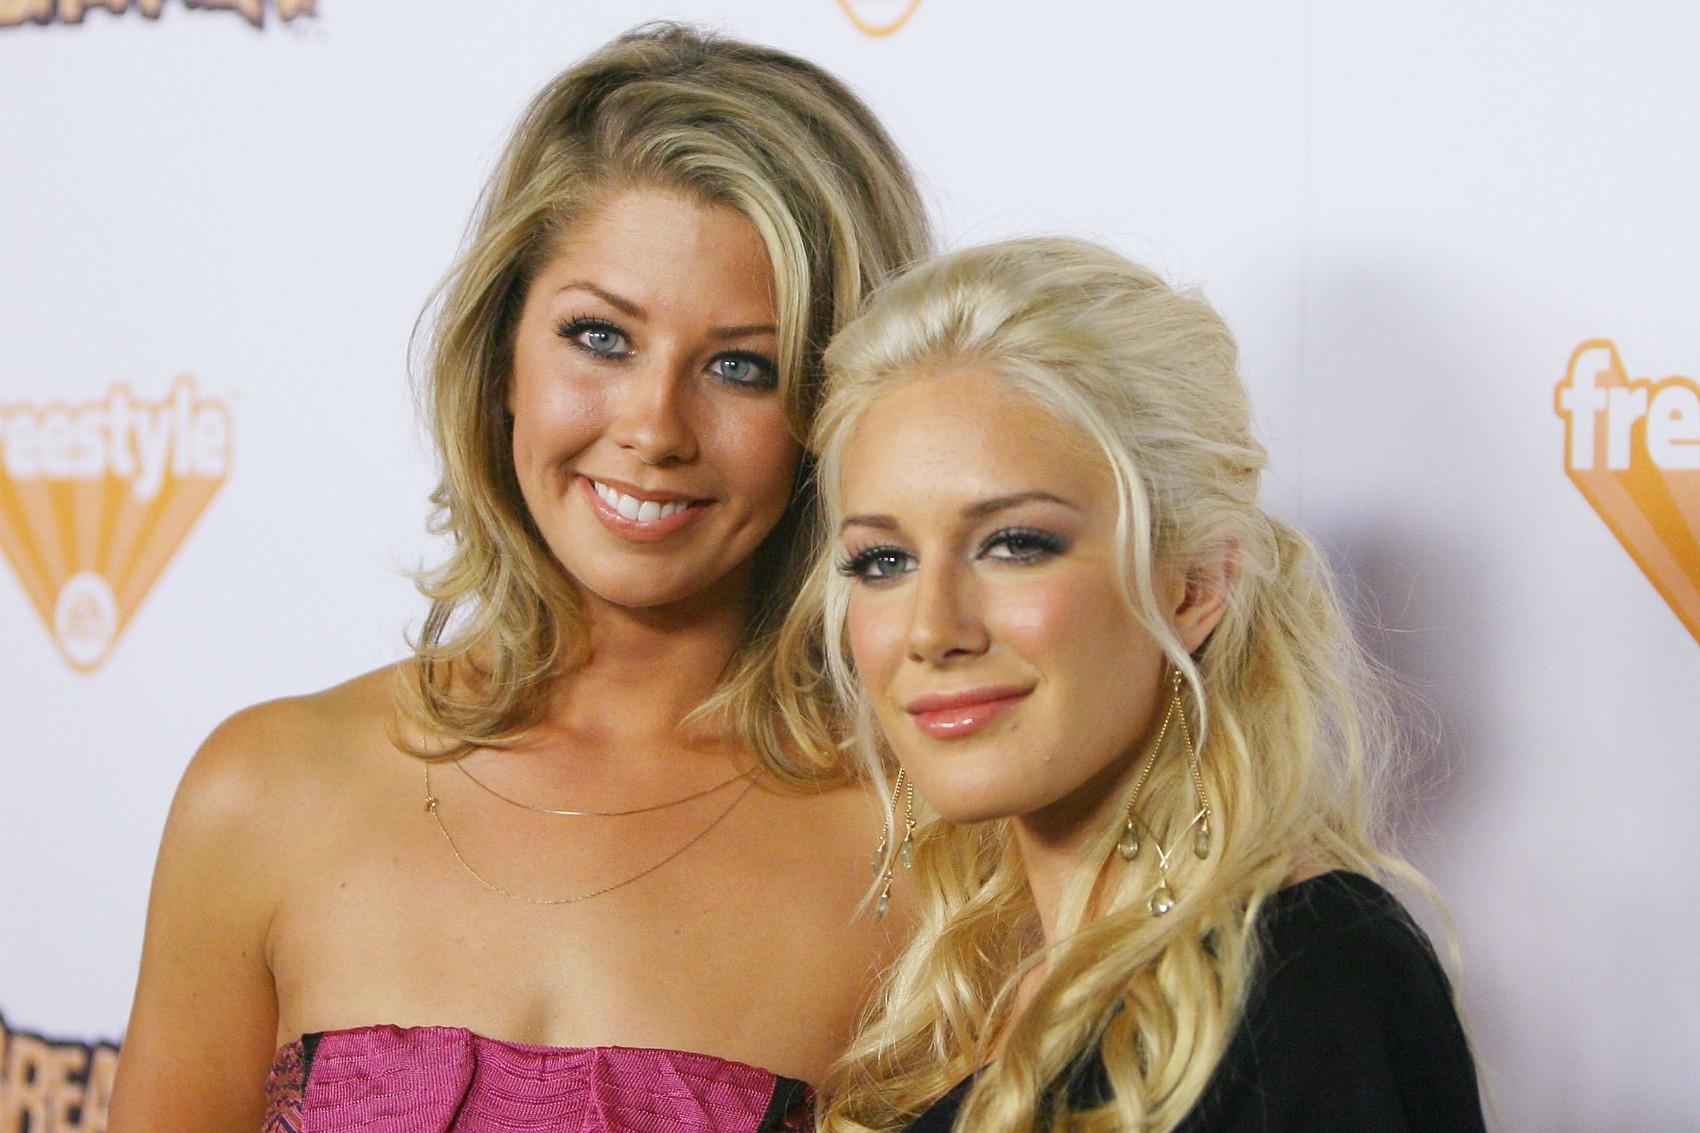 A estrela da primeira edição de 'The Hills' Heidi Montag (à dir.), de 27 anos, tem uma irmã que também tentou ficar famosa por meio desse reality show, Holly Montag, de 30 anos. (Foto: Getty Images)